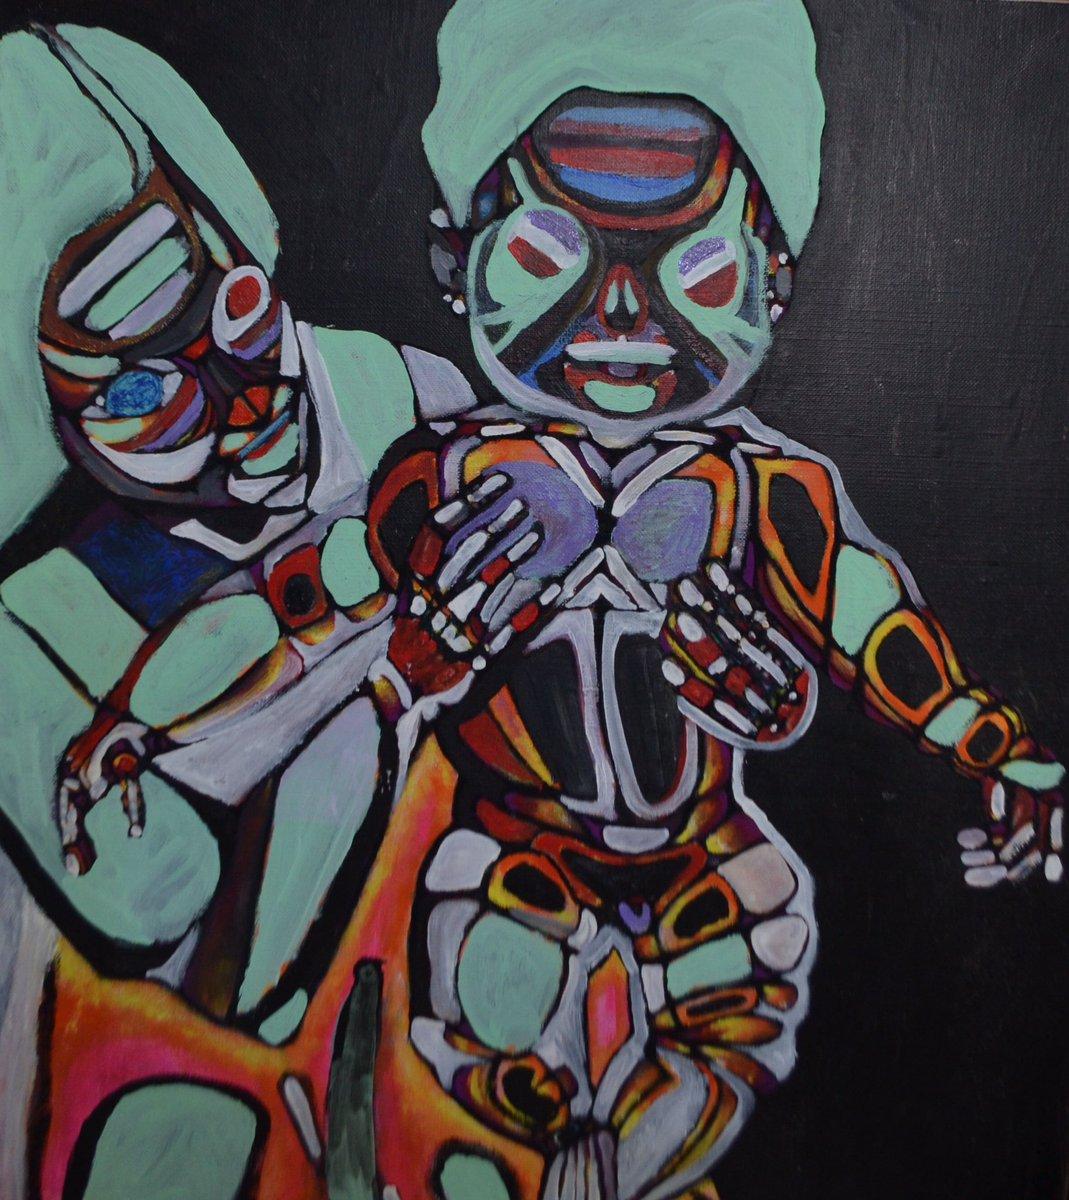 母と子 #art #artwork #illustration #mother #children #son #アート #芸術 #絵画 #イラスト #母 #子 #アナログ #アナログ絵描きさんと繋がりたい